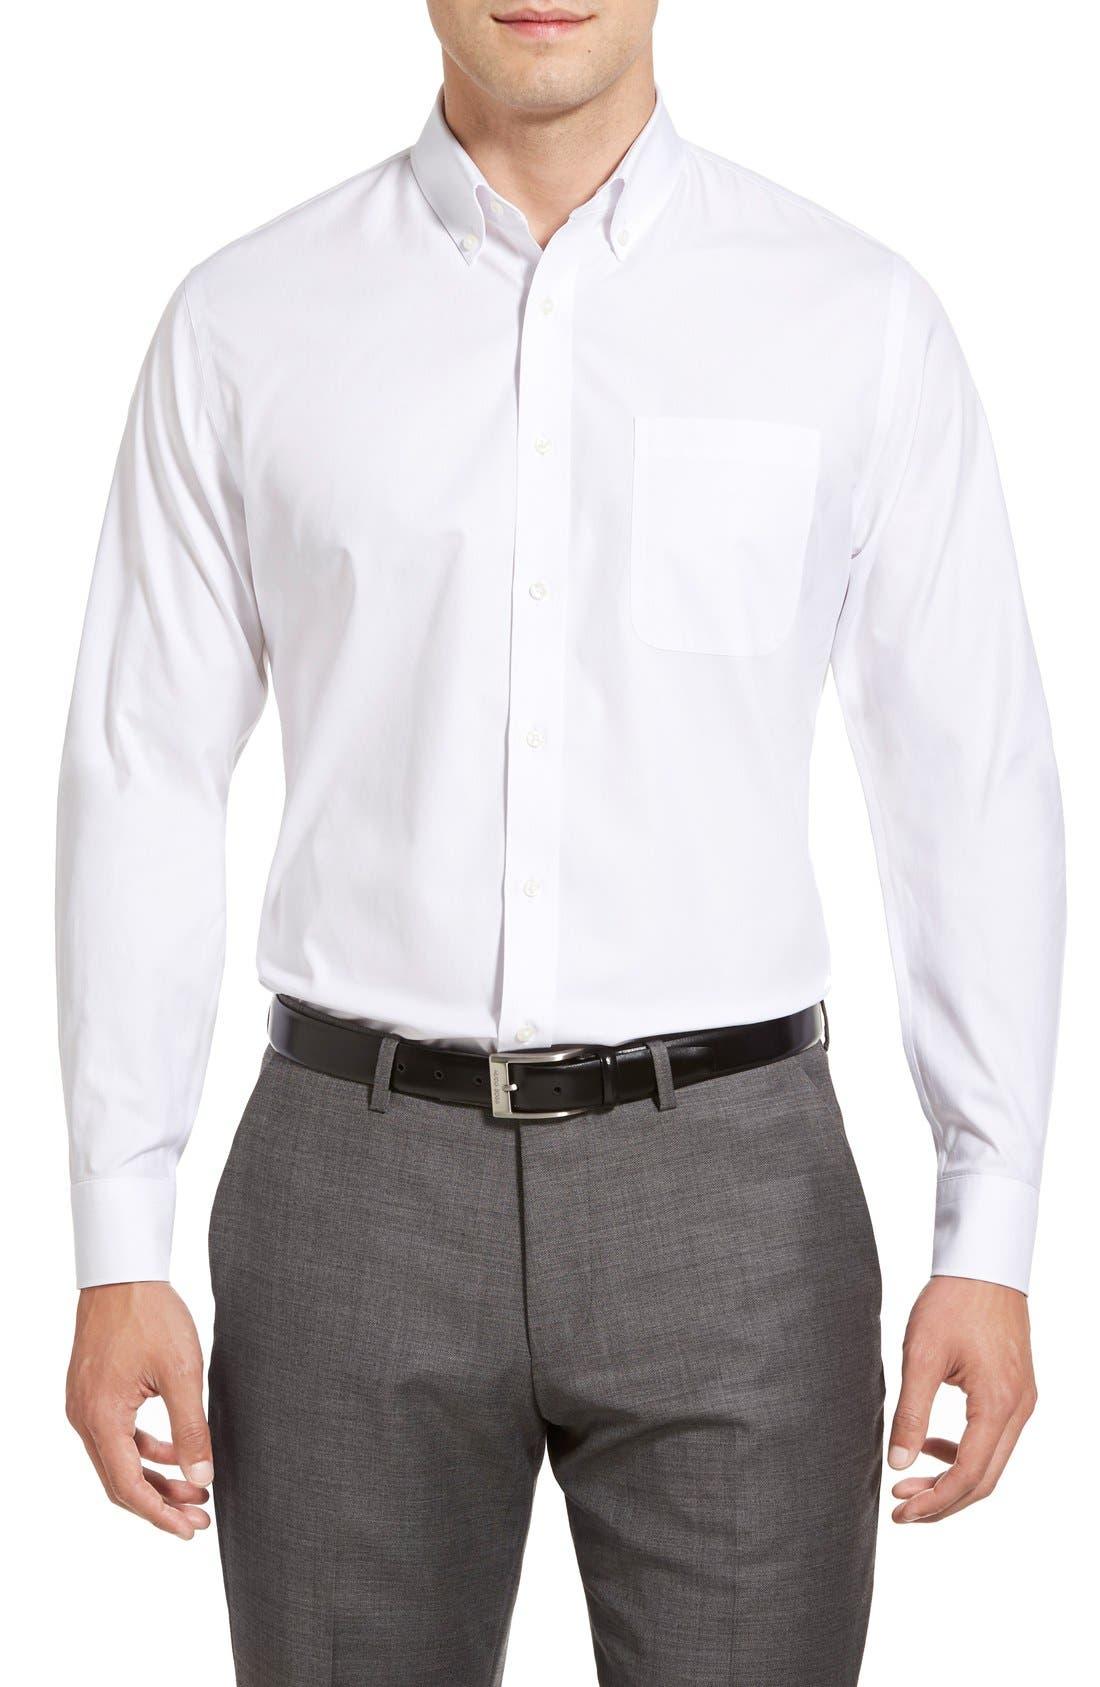 Smartcare<sup>™</sup> Trim Fit Solid Dress Shirt,                             Alternate thumbnail 2, color,                             100